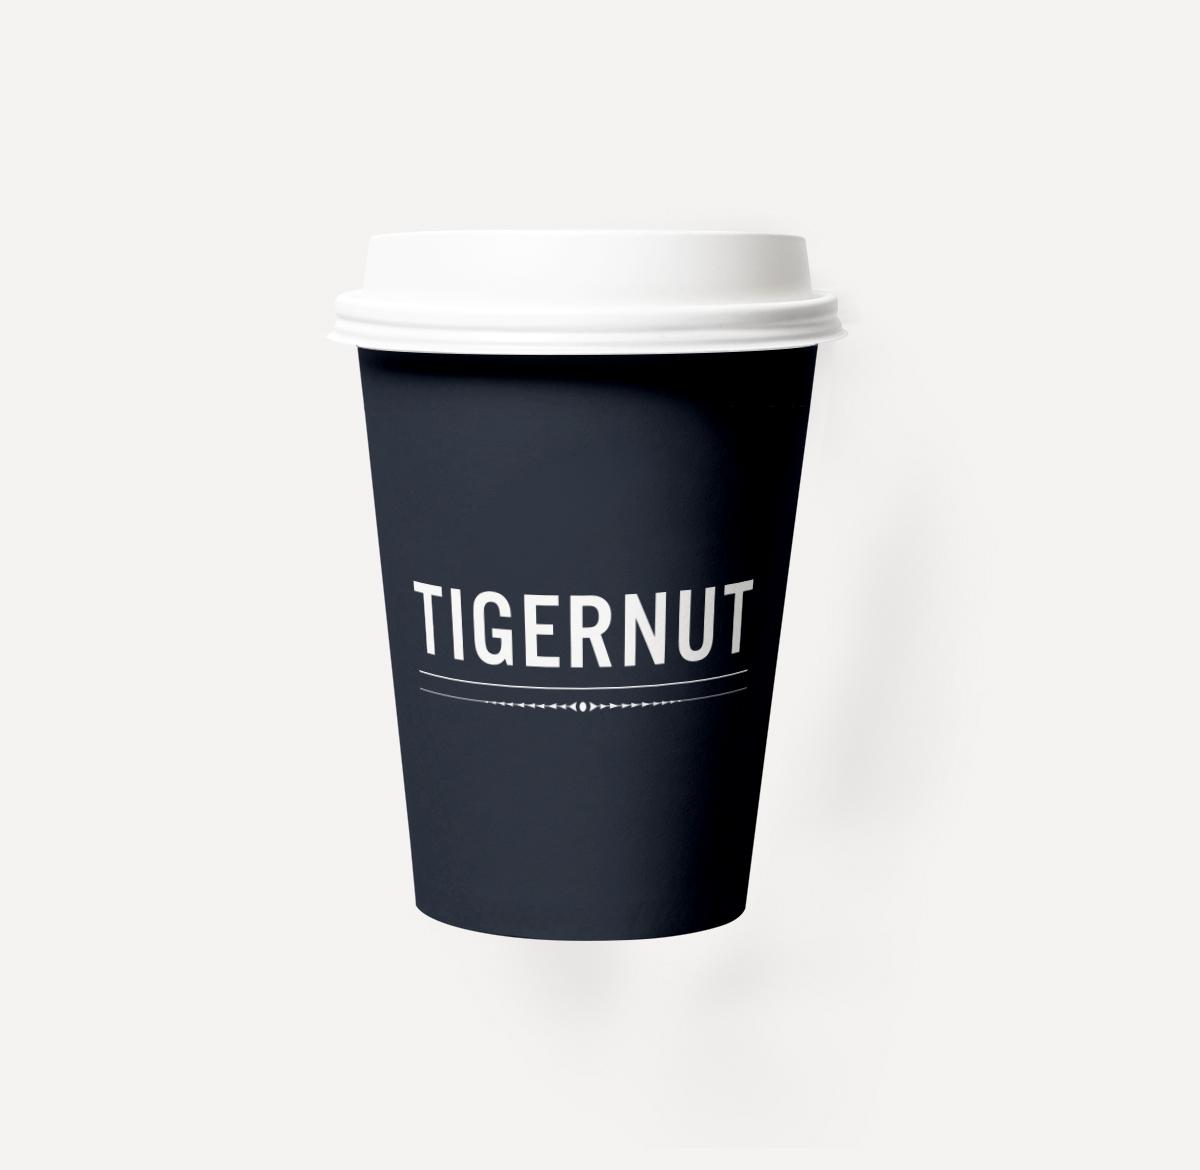 Tigernut-Cup.jpg